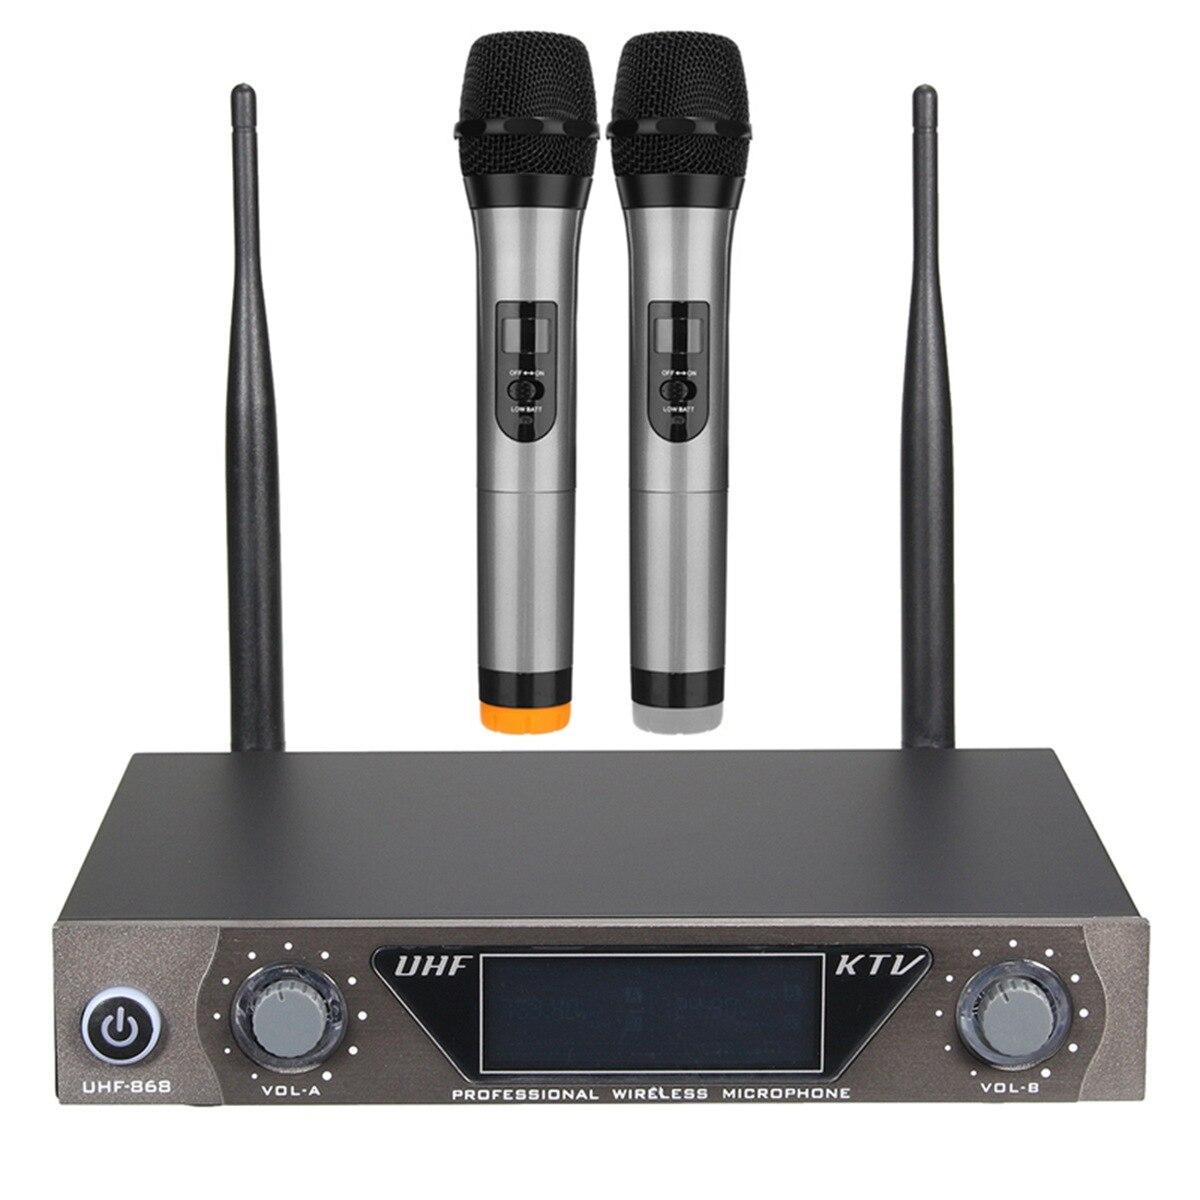 Système de Microphone sans fil karaoké LEORY UHF avec 2 micro à main double canal système de Microphone émetteur UHF pour karaoké